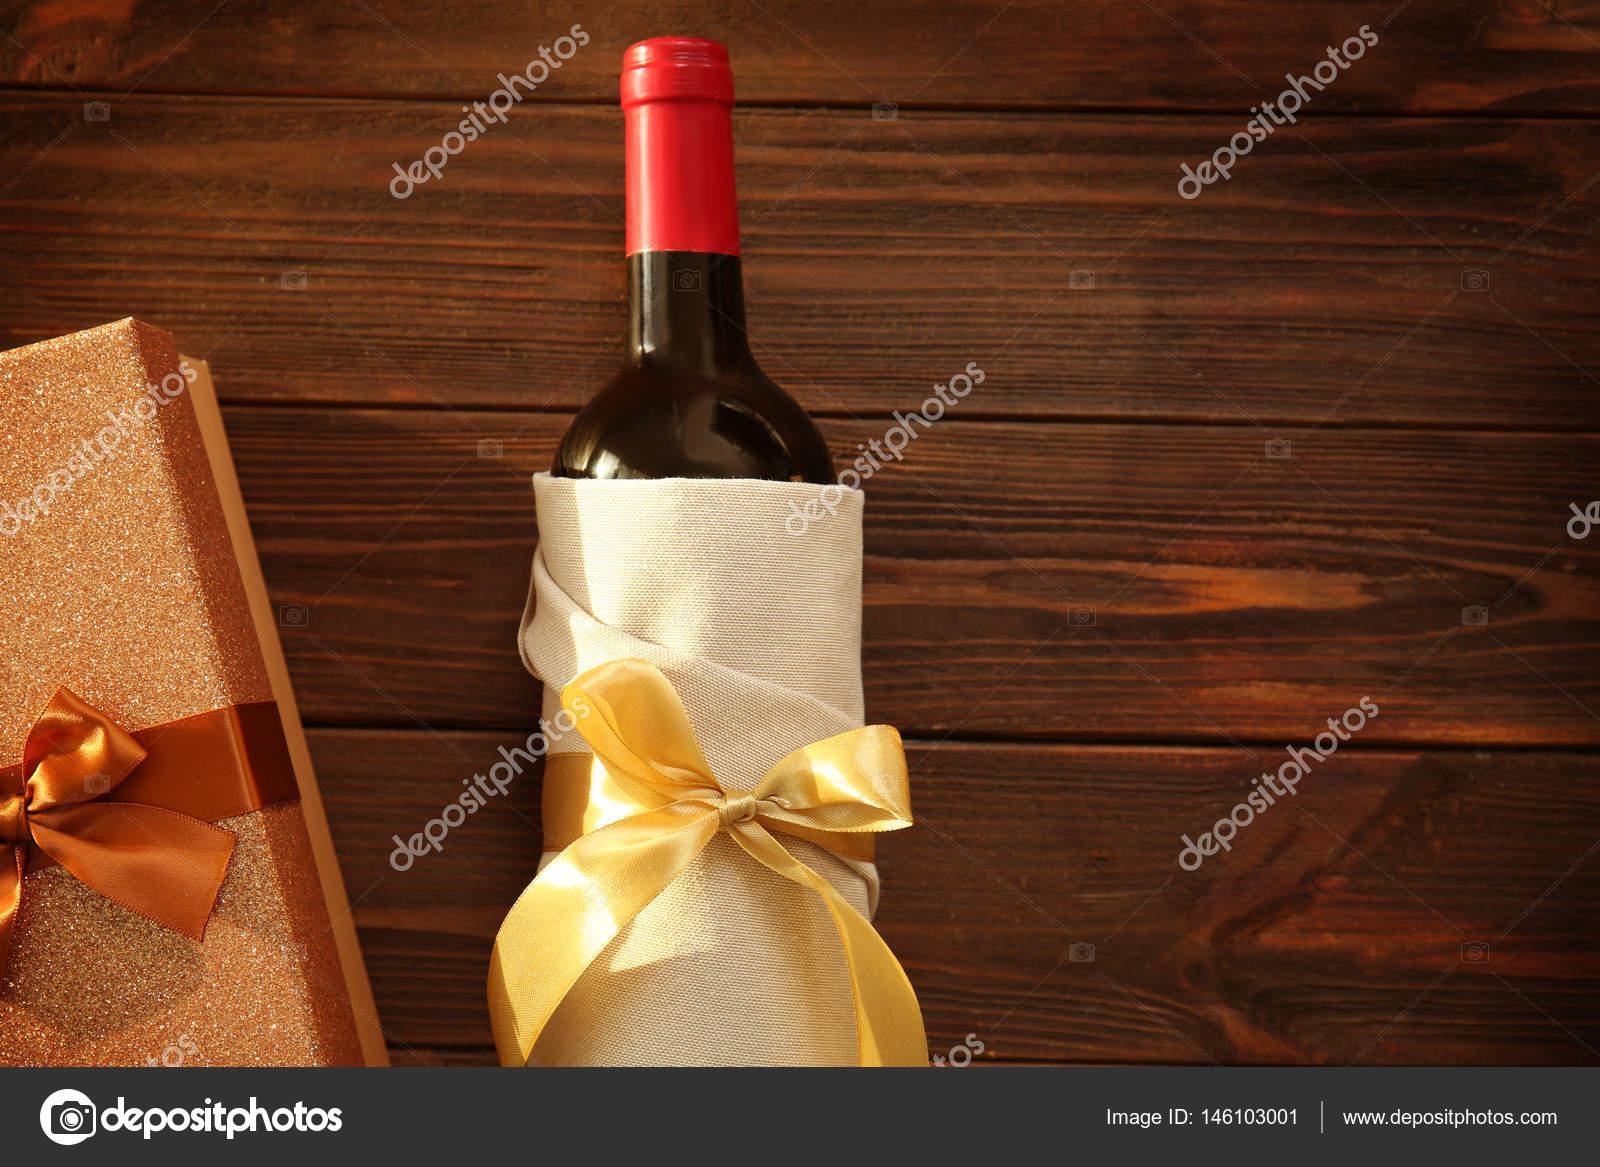 Dekorierte Wein Flasche Und Geschenk Box Stockfoto C Belchonock